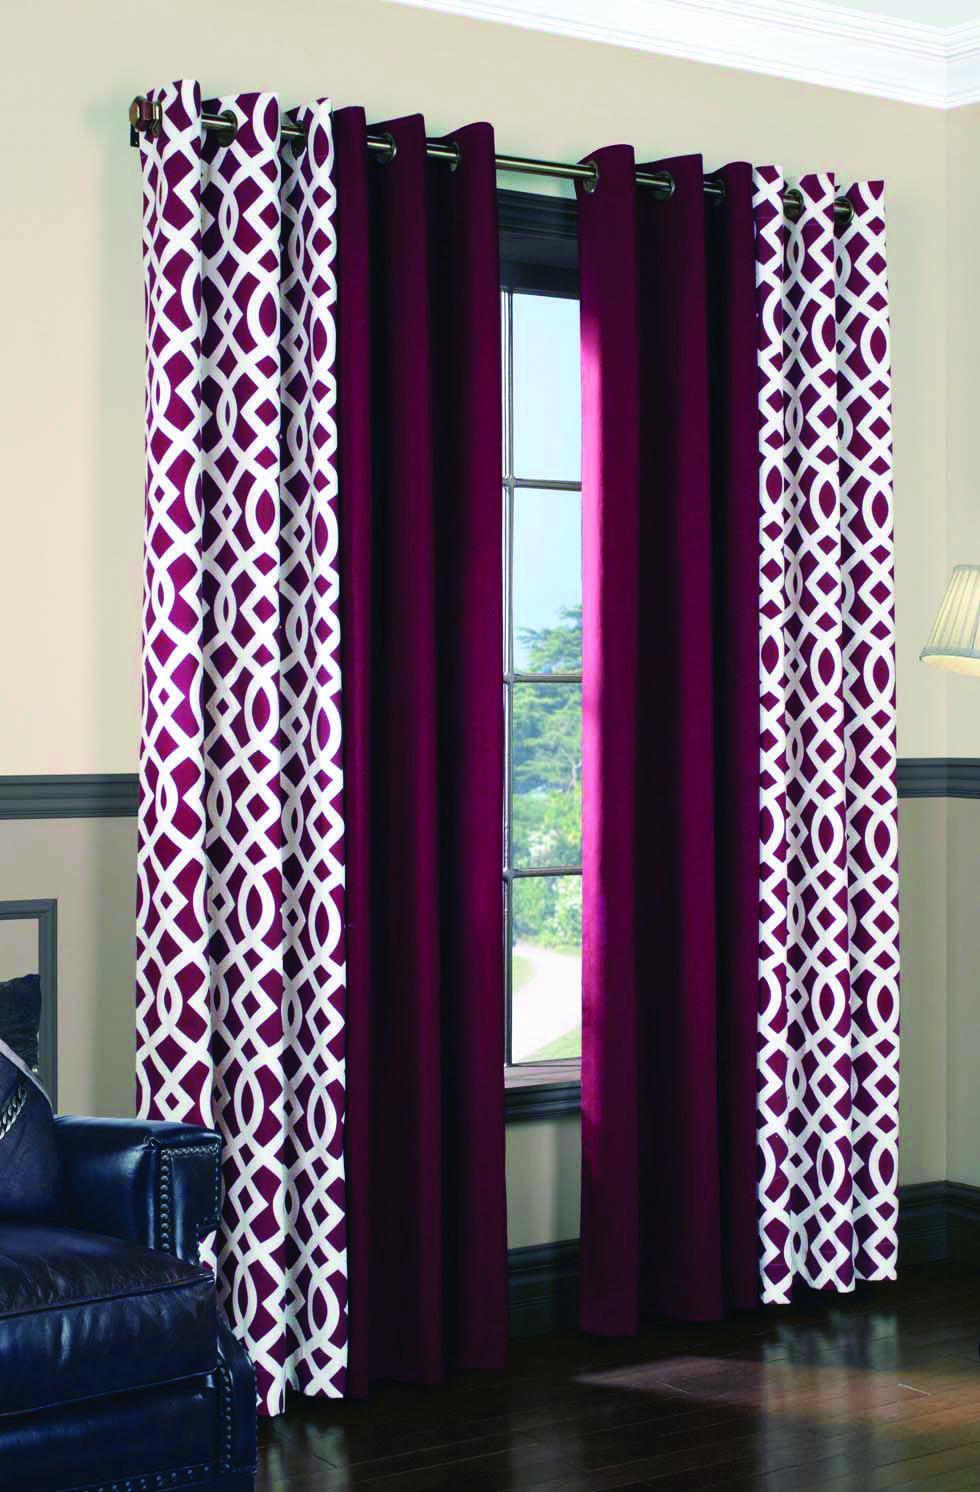 Living Room Curtains Purple Living Room Decor Curtains Purple Curtains Living Room Curtains Living Room